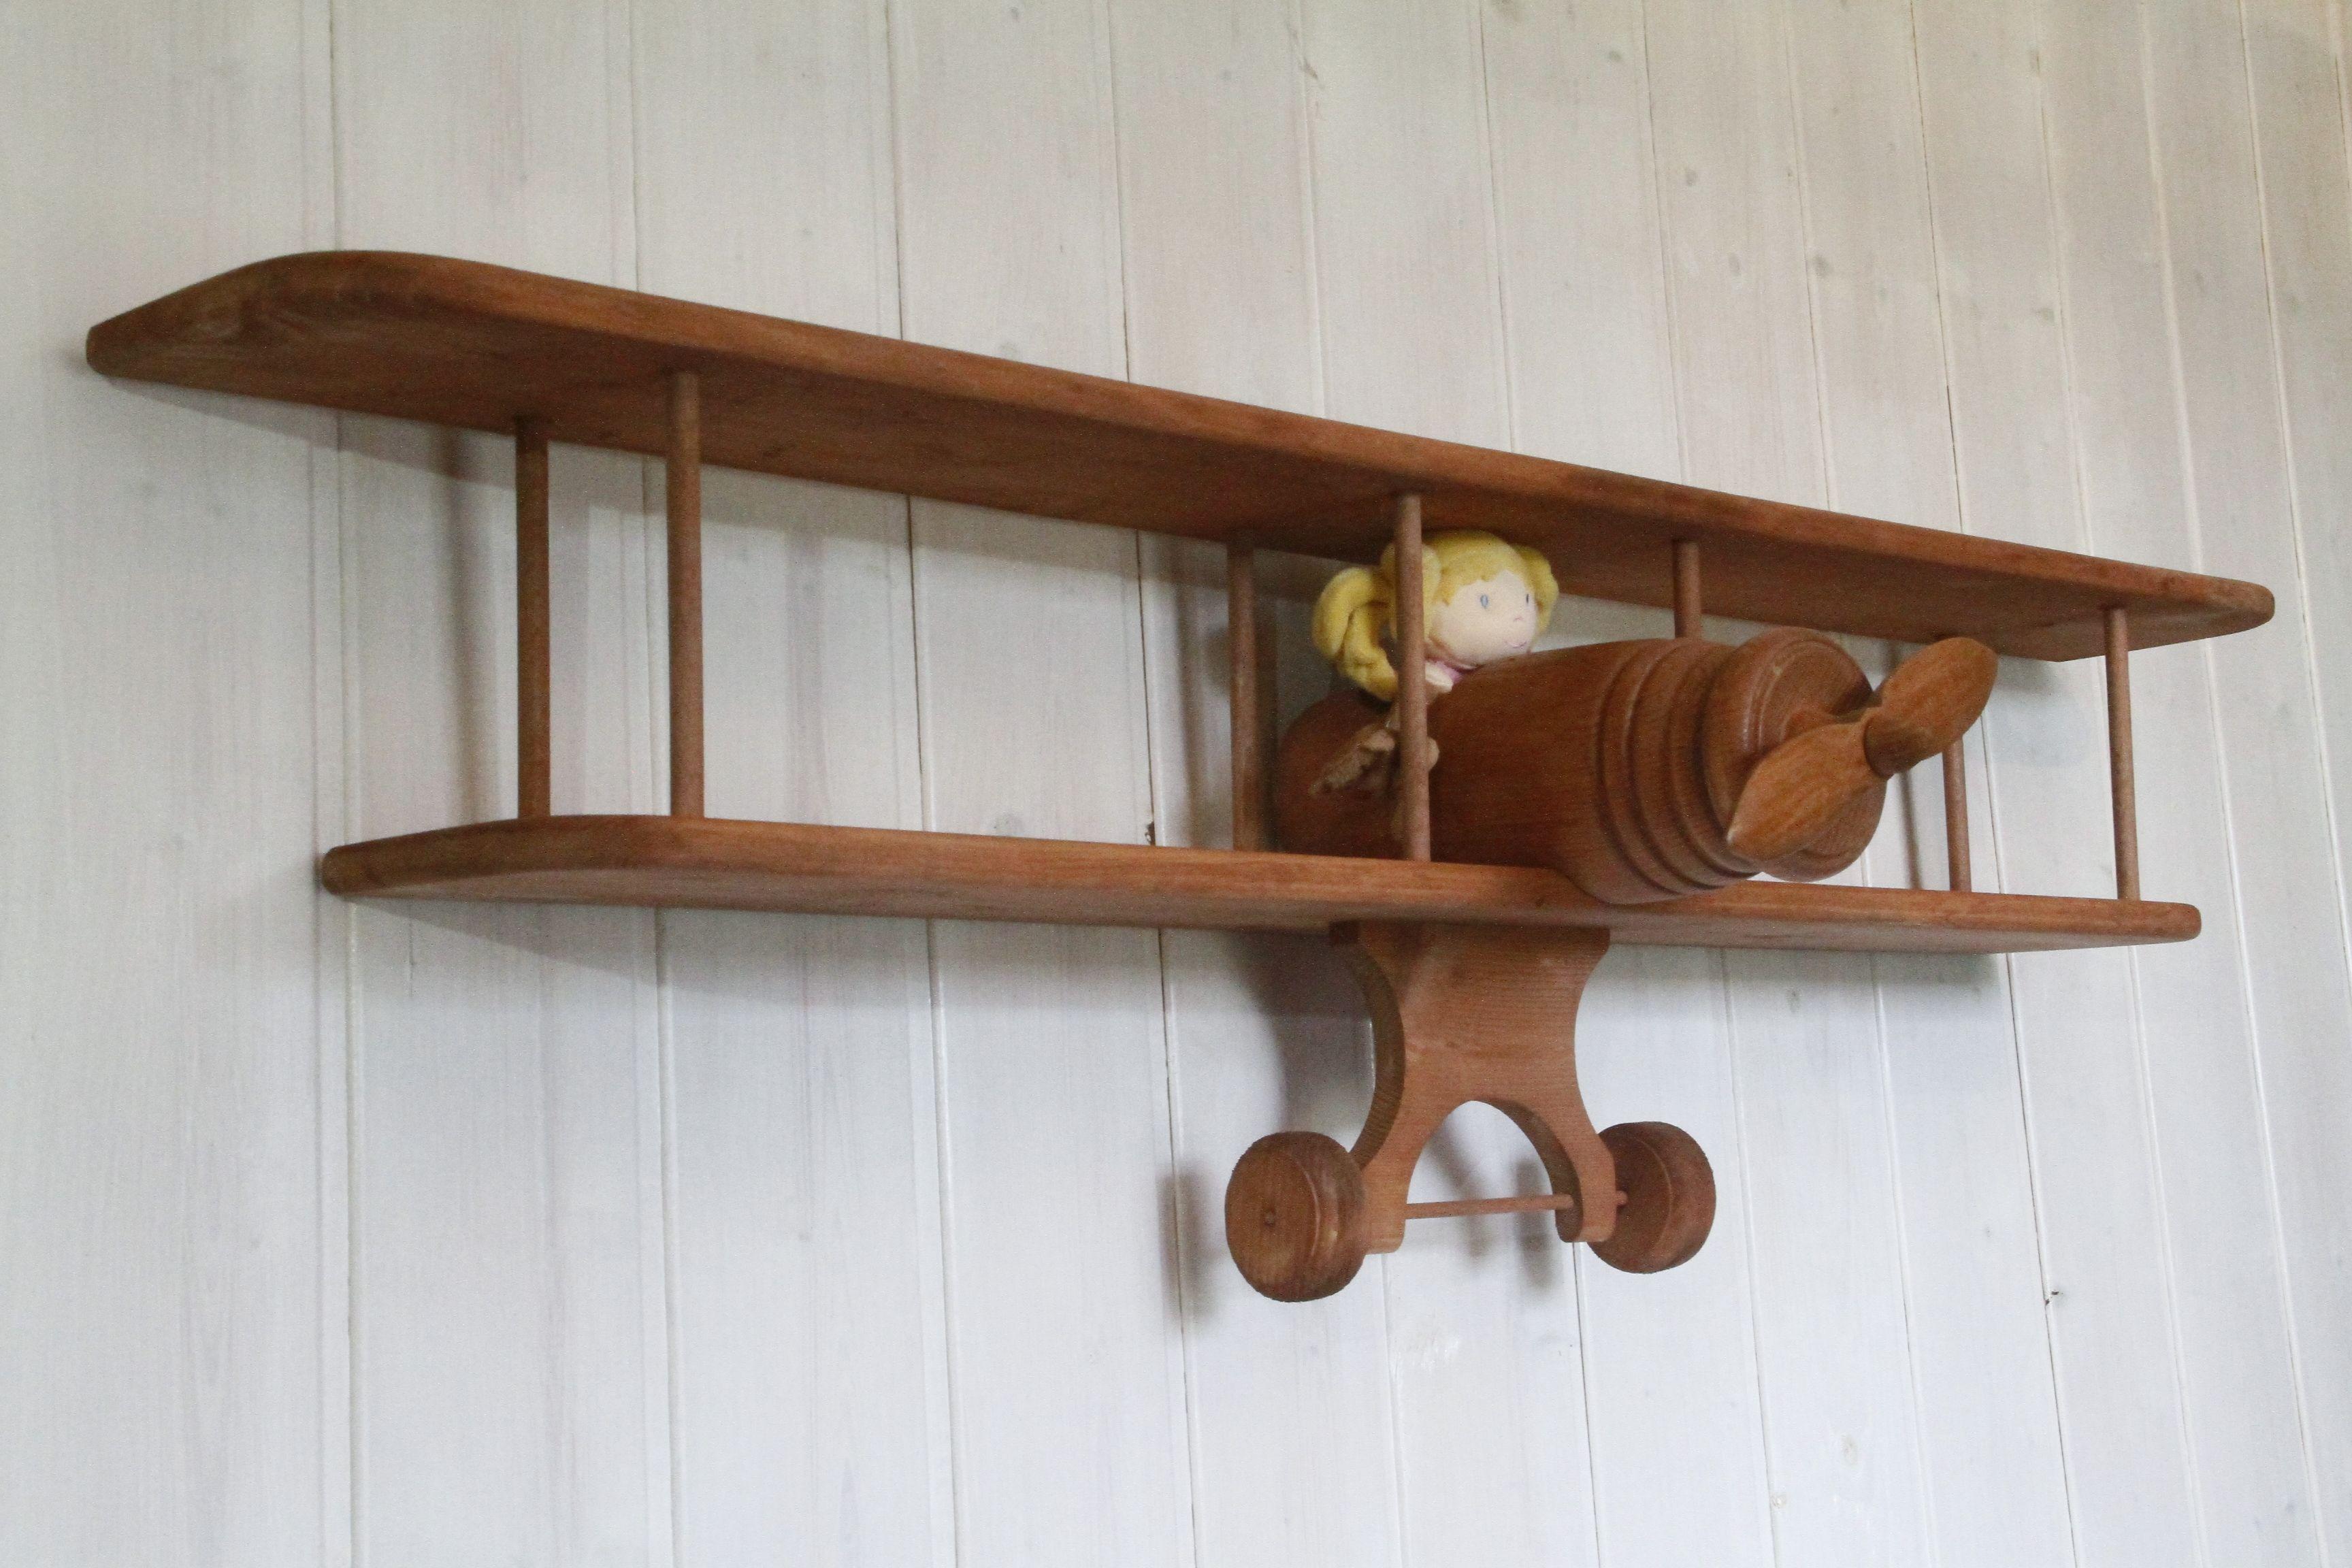 Etagere Avion Chambre Bebe etagère avion en bois pour chambre bébé ou enfant | chambre